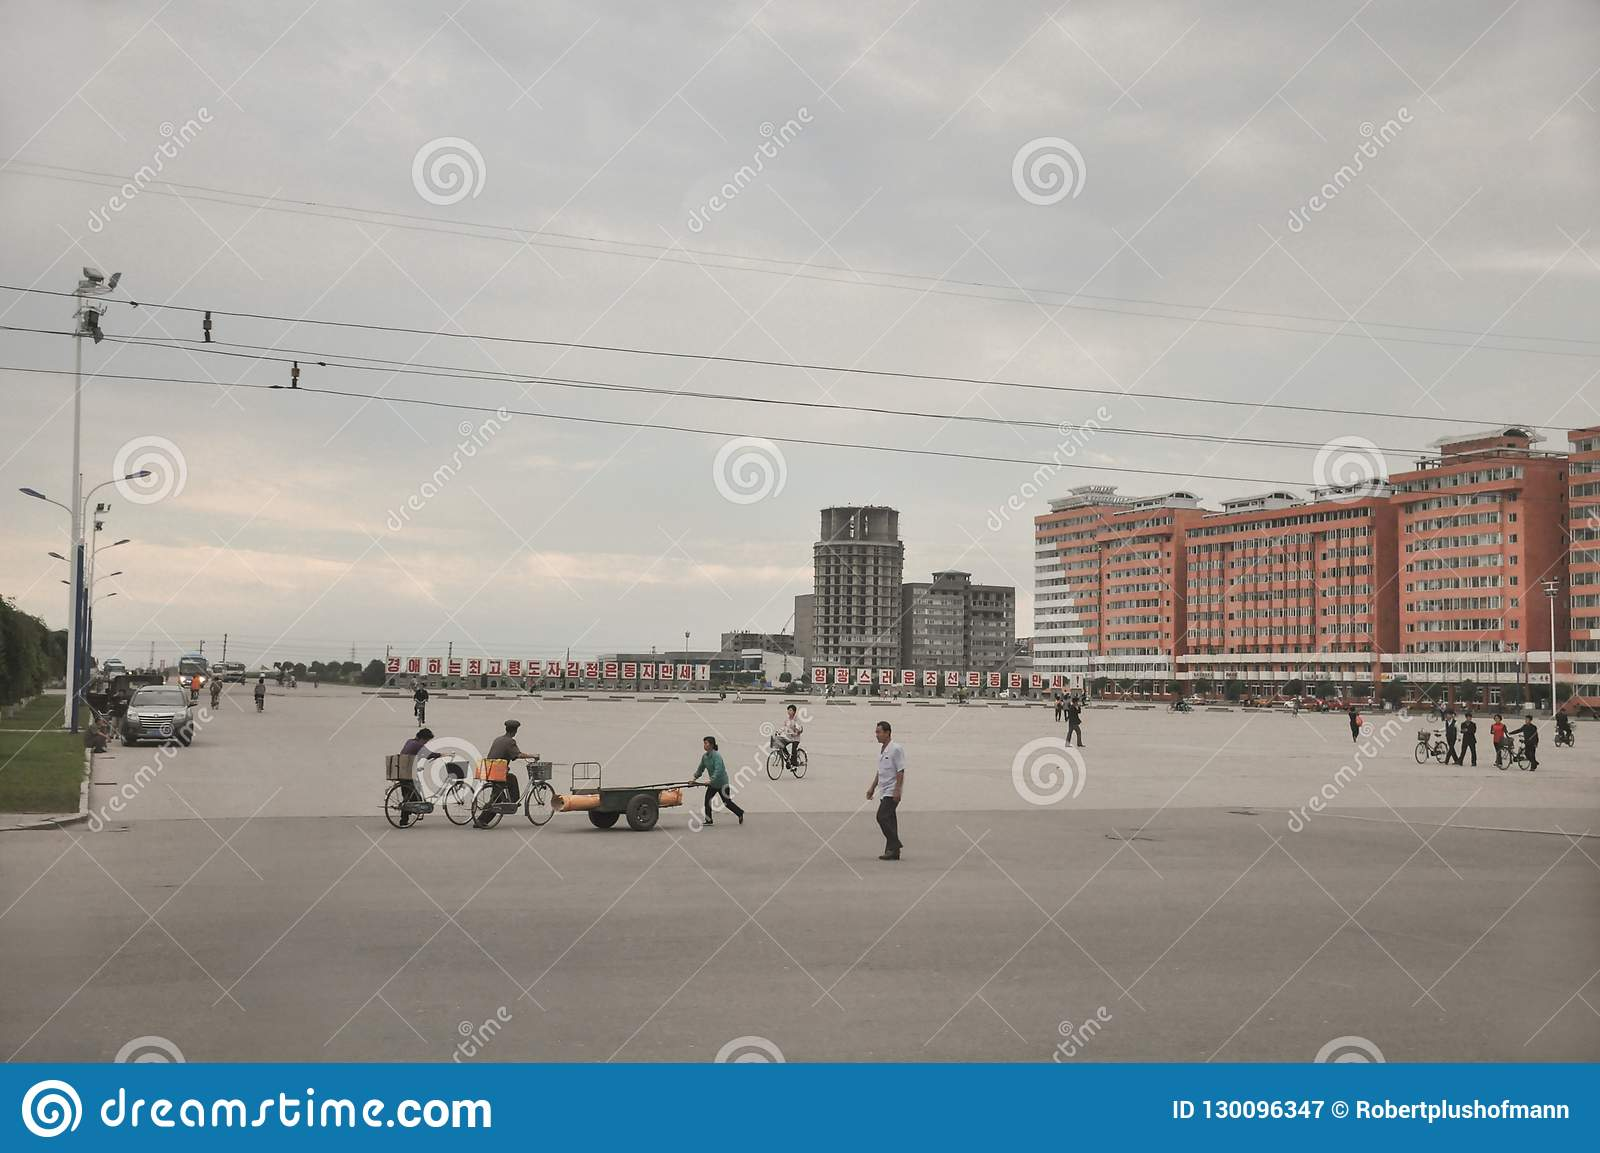 09/01/2018, orang-outan, Nord-Corée : La grande place de ville semble toujours overscaled en Corée du Nord Il est habituellement